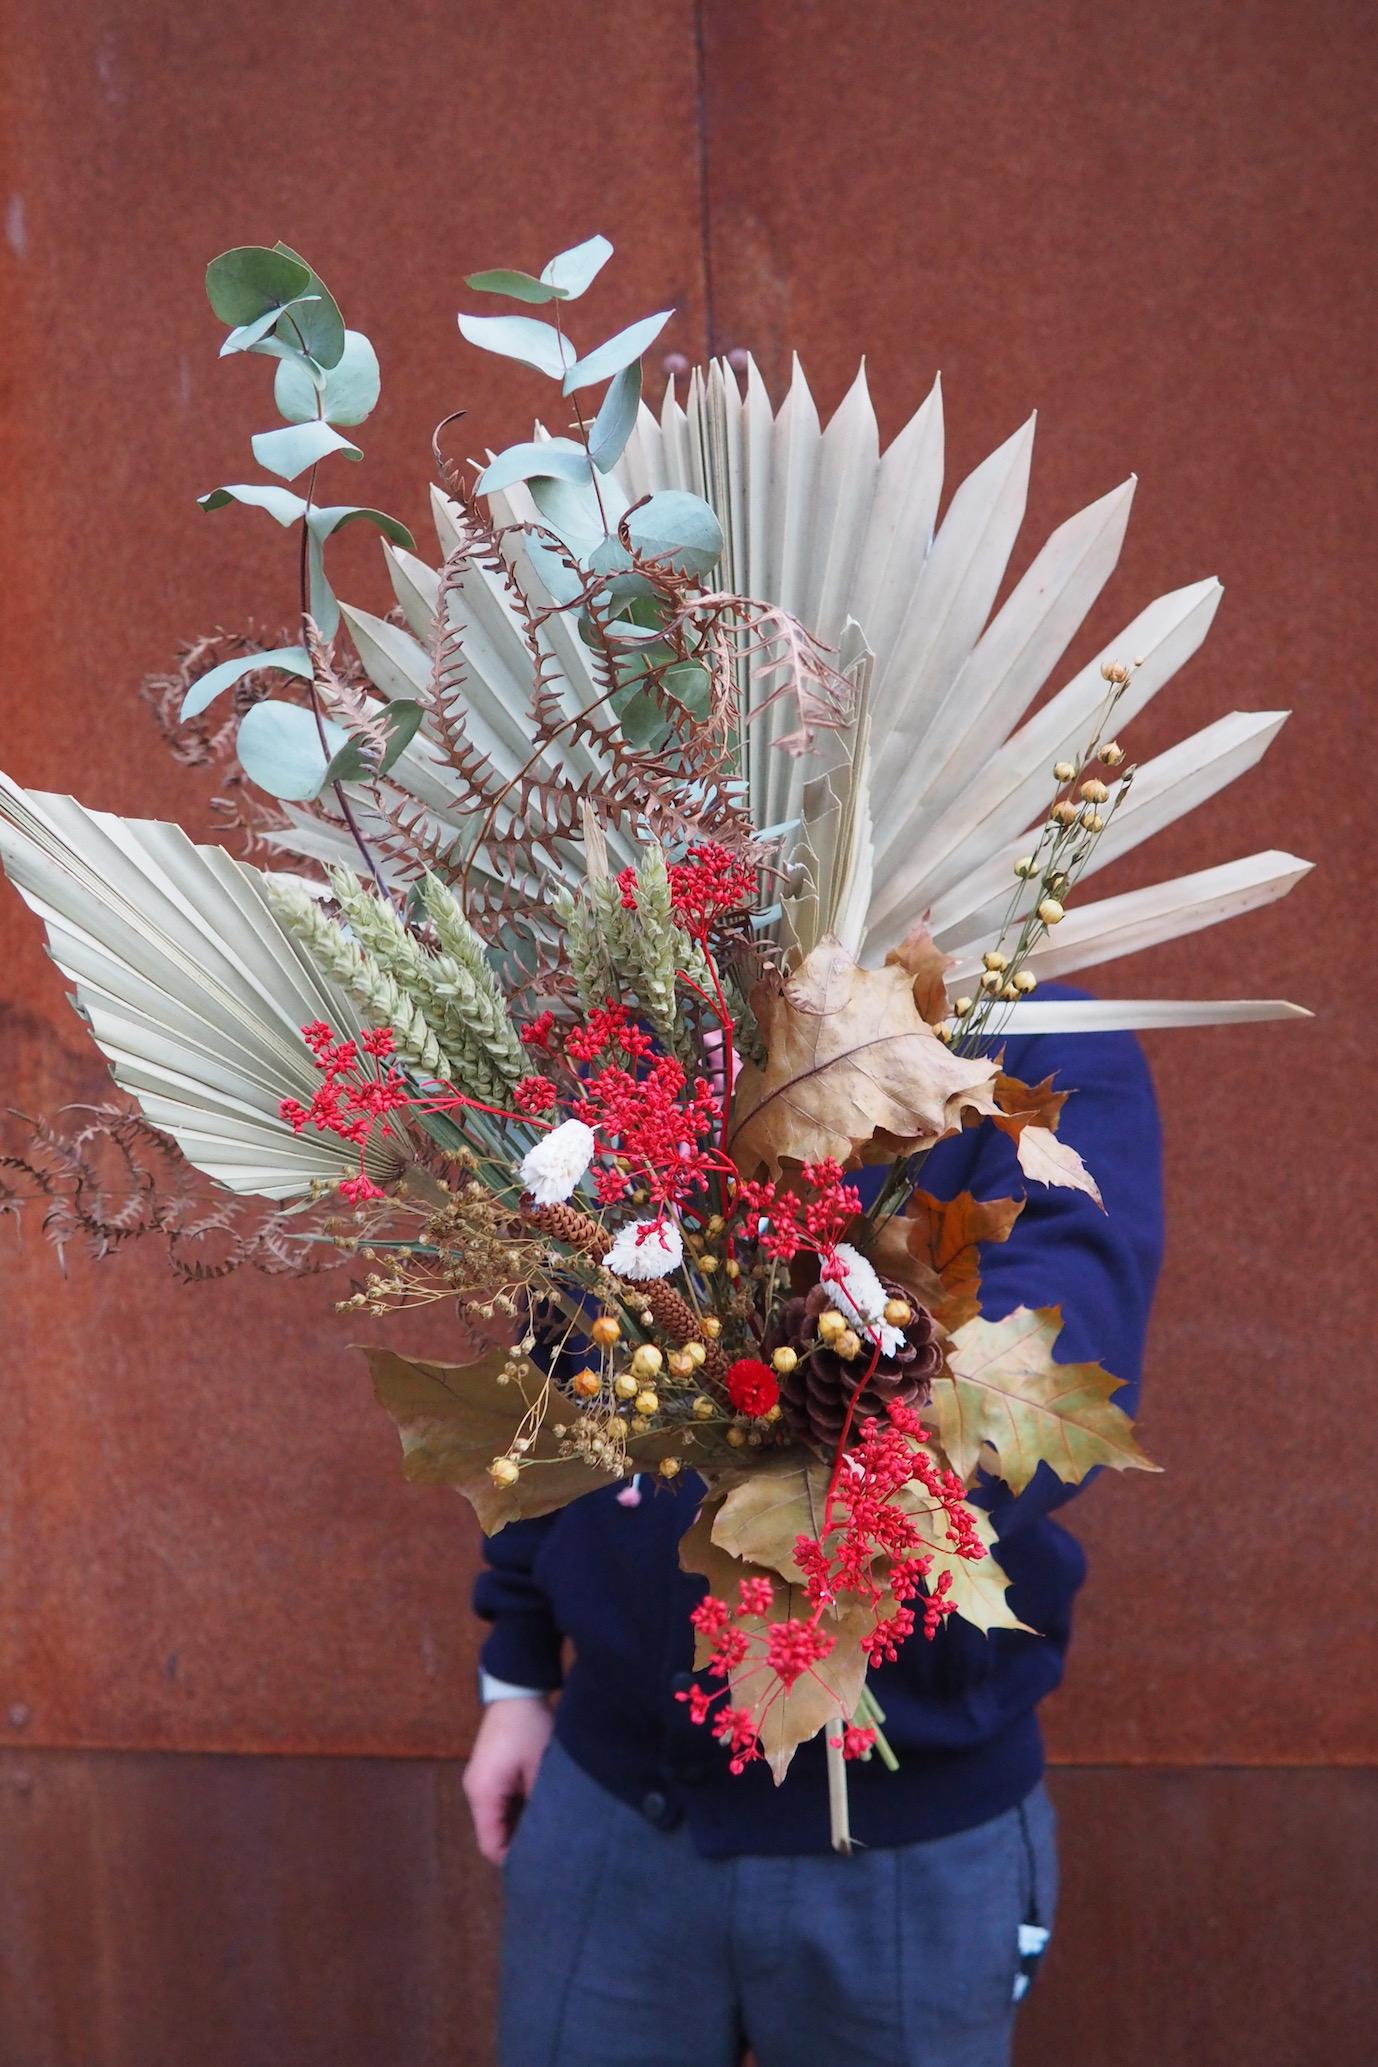 Acheter un bouquet de fleurs séchées